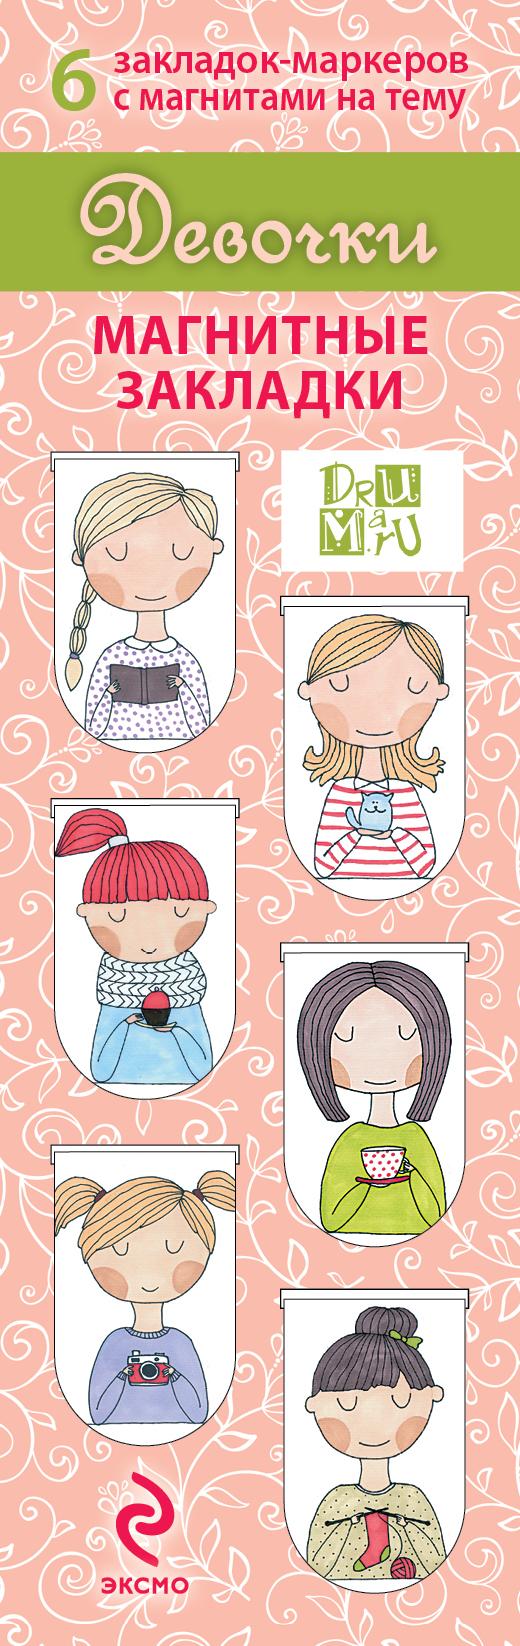 Дрюма Л.А. - Магнитные закладки. Девочки (6 закладок полукругл.) обложка книги